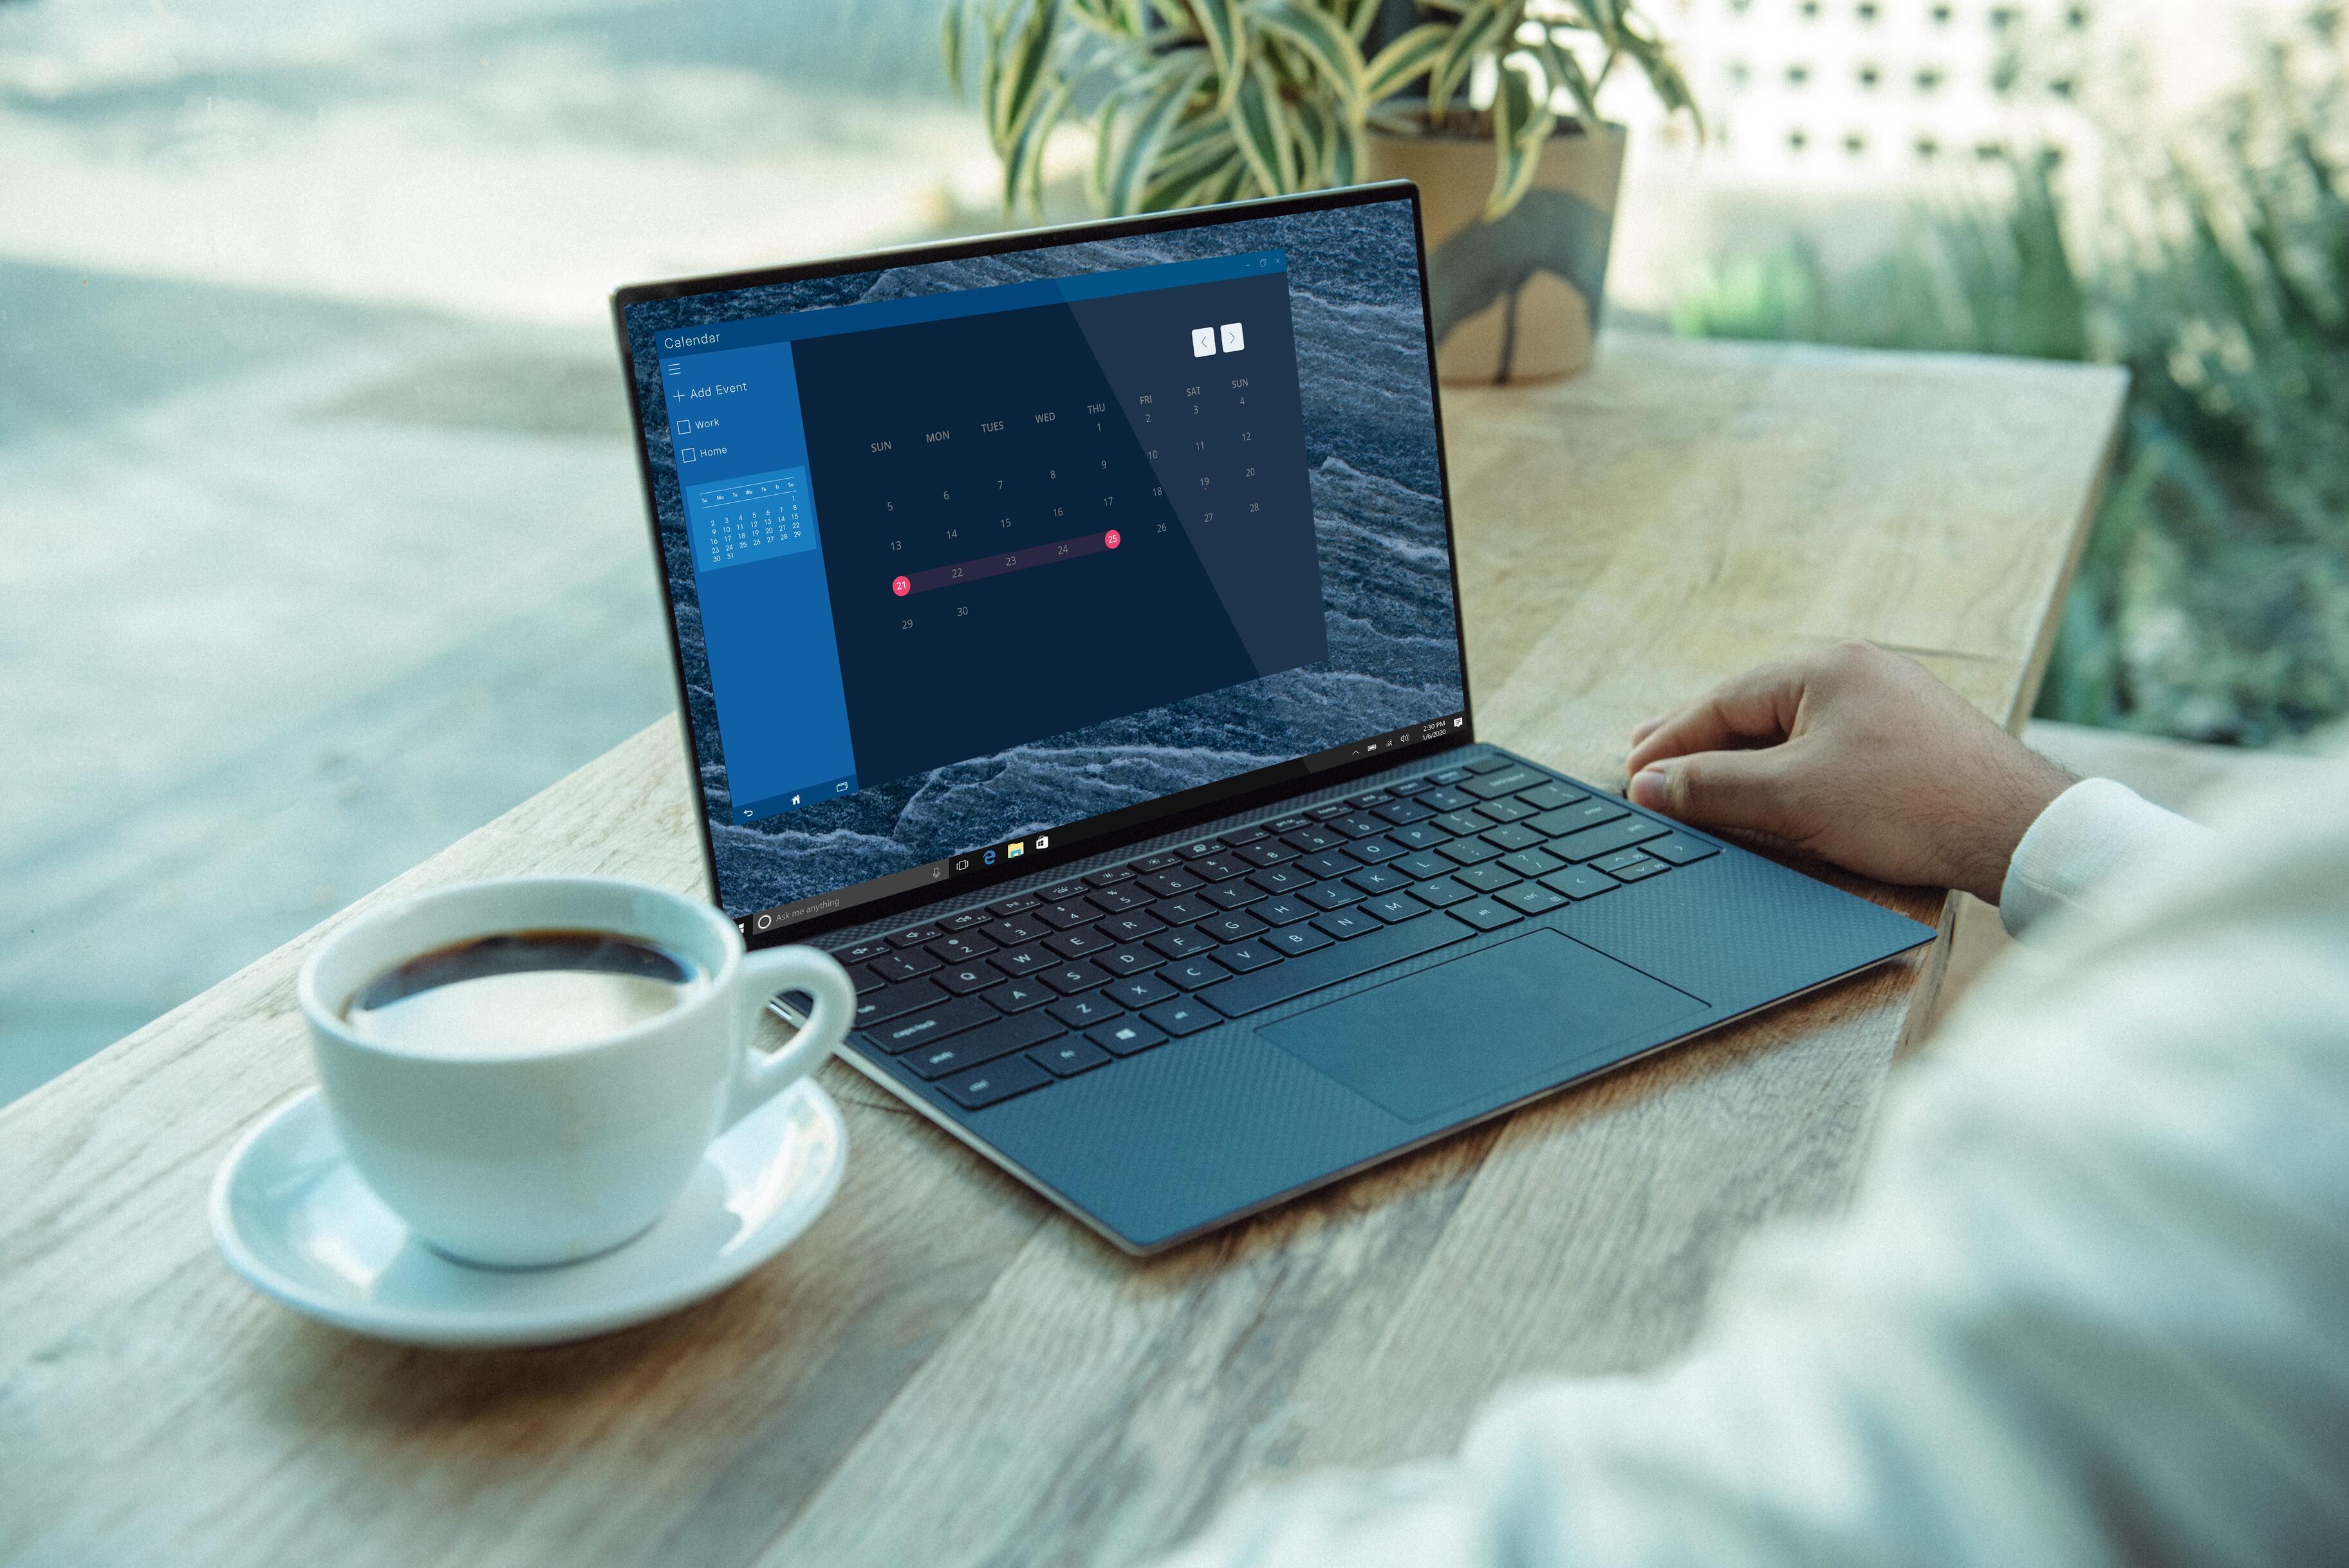 Найдена новая неожиданная причина подорожания ноутбуков